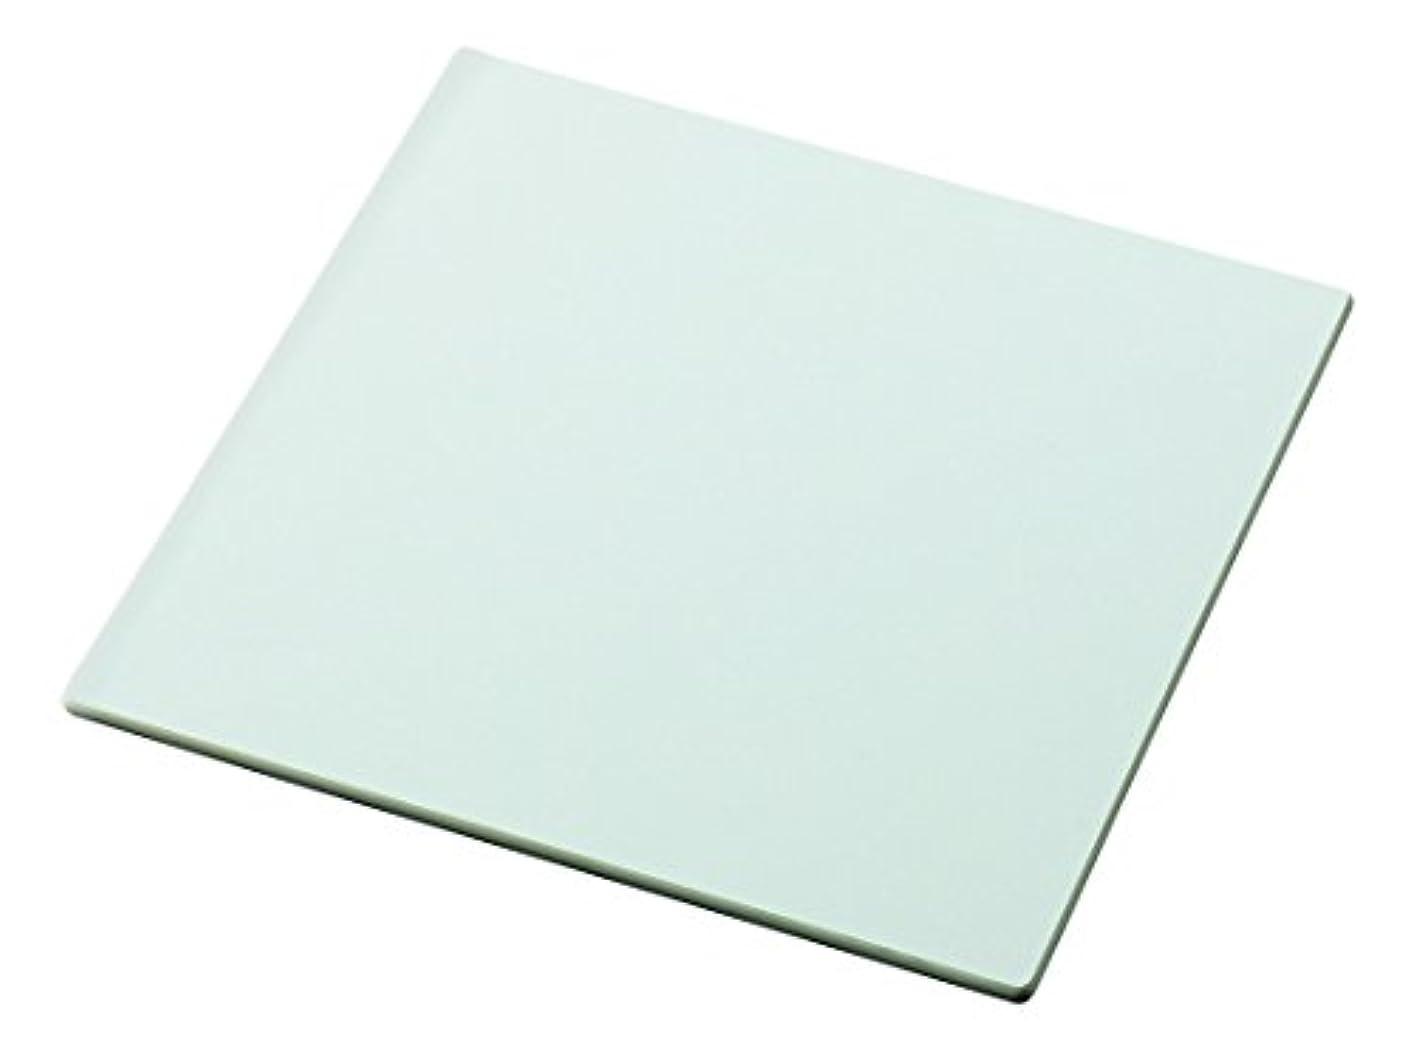 ホップページダーツアズワン セラミックガラス板 ネオセラム N-11